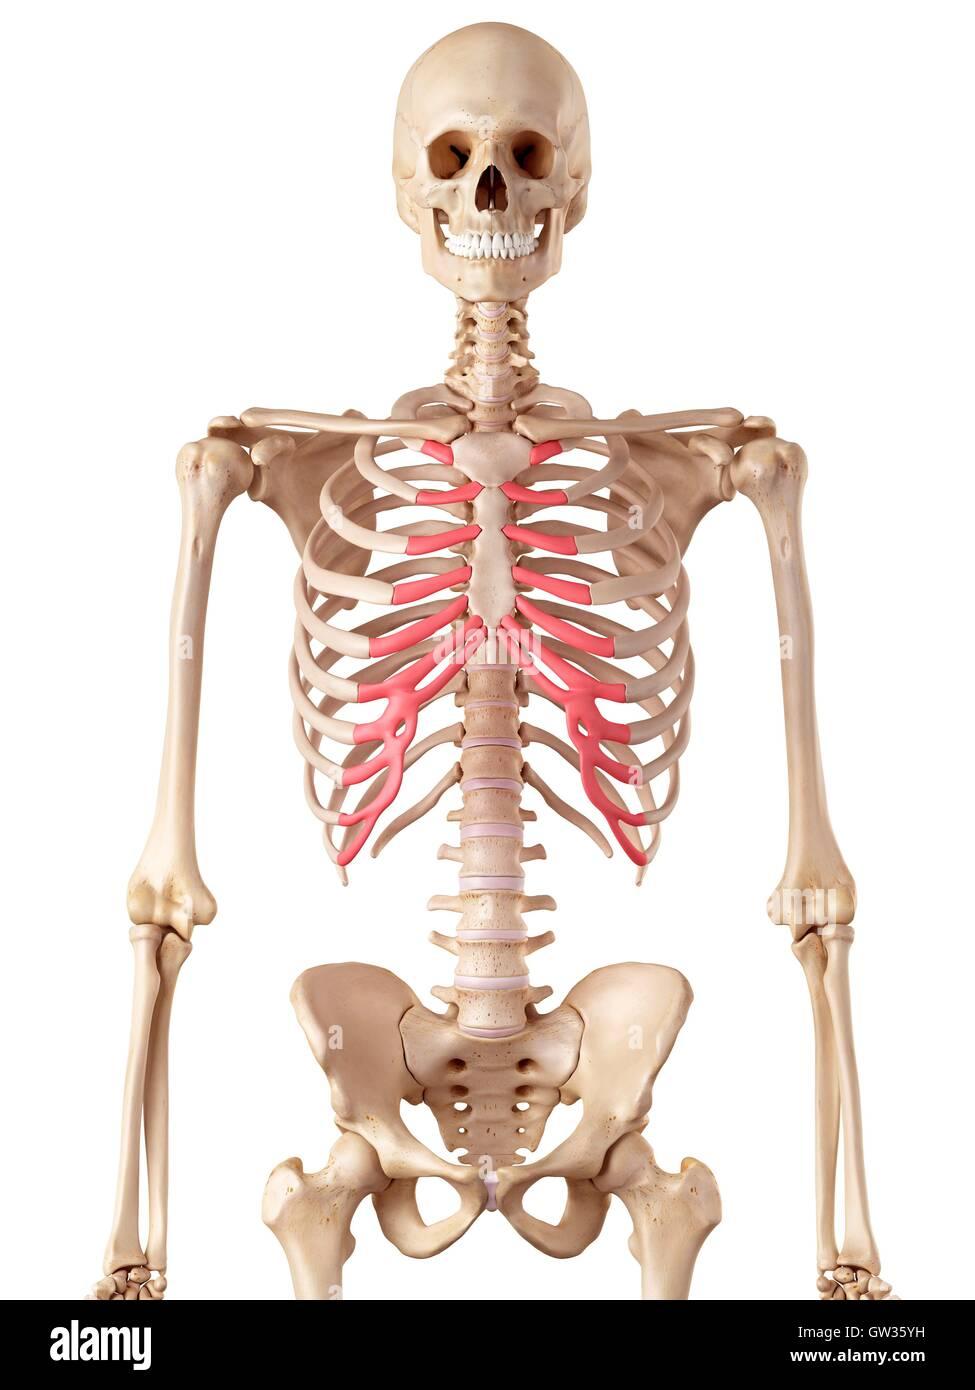 Menschliche Rippen Knorpel, Abbildung Stockfoto, Bild: 118699157 - Alamy